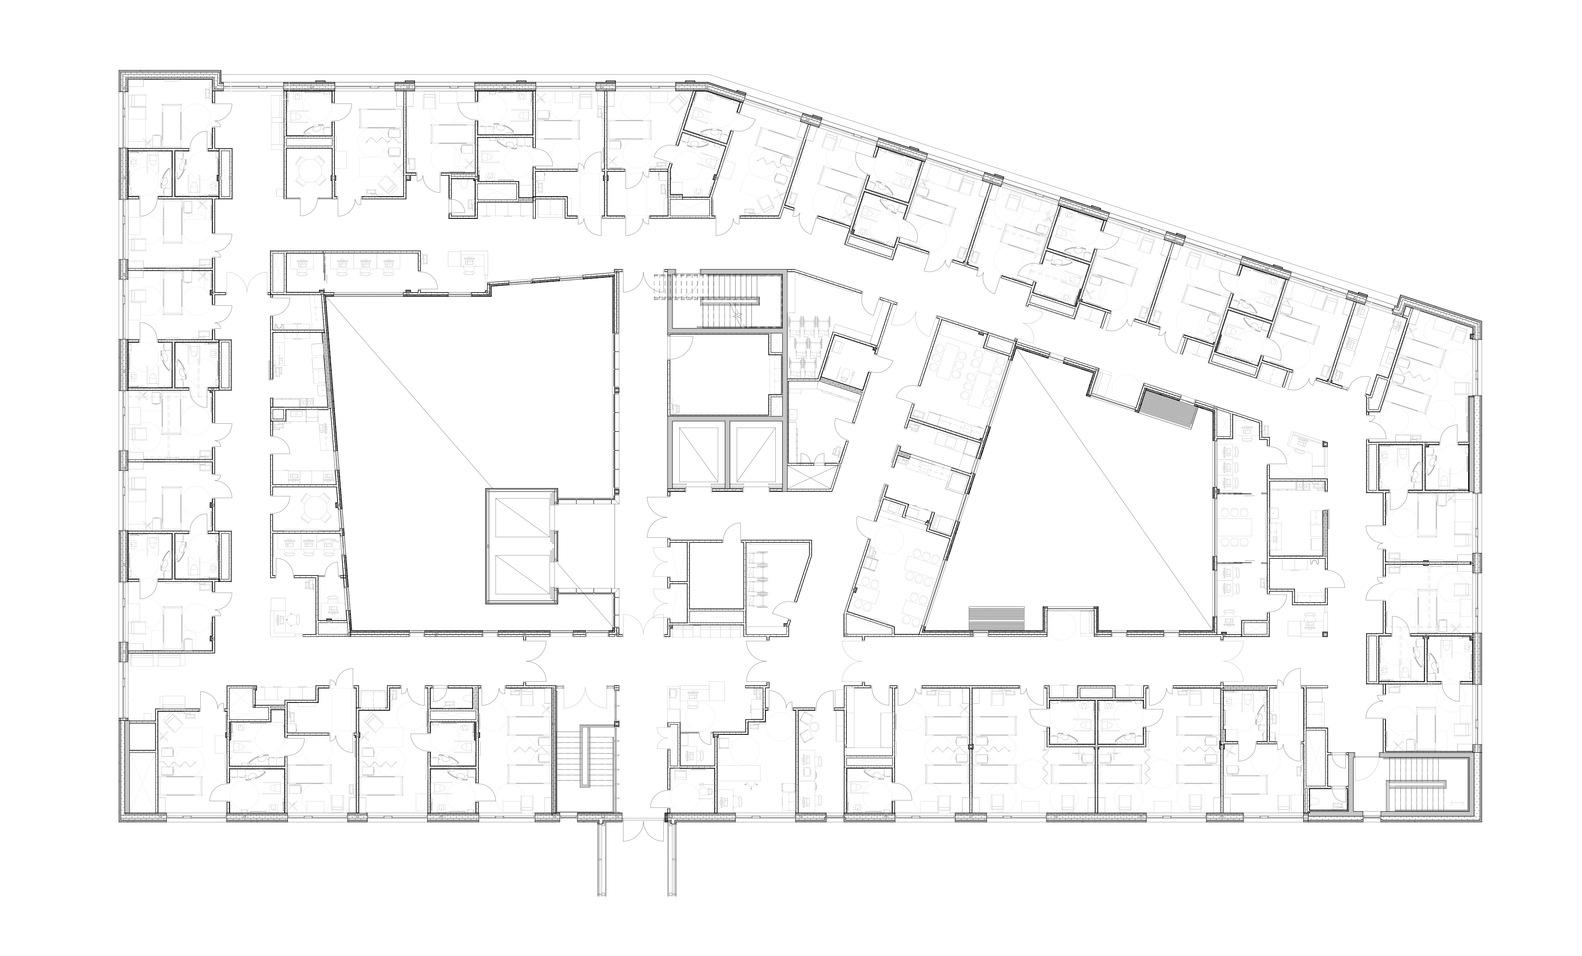 small resolution of haraldsplass hospital c f m ller architects floor plan